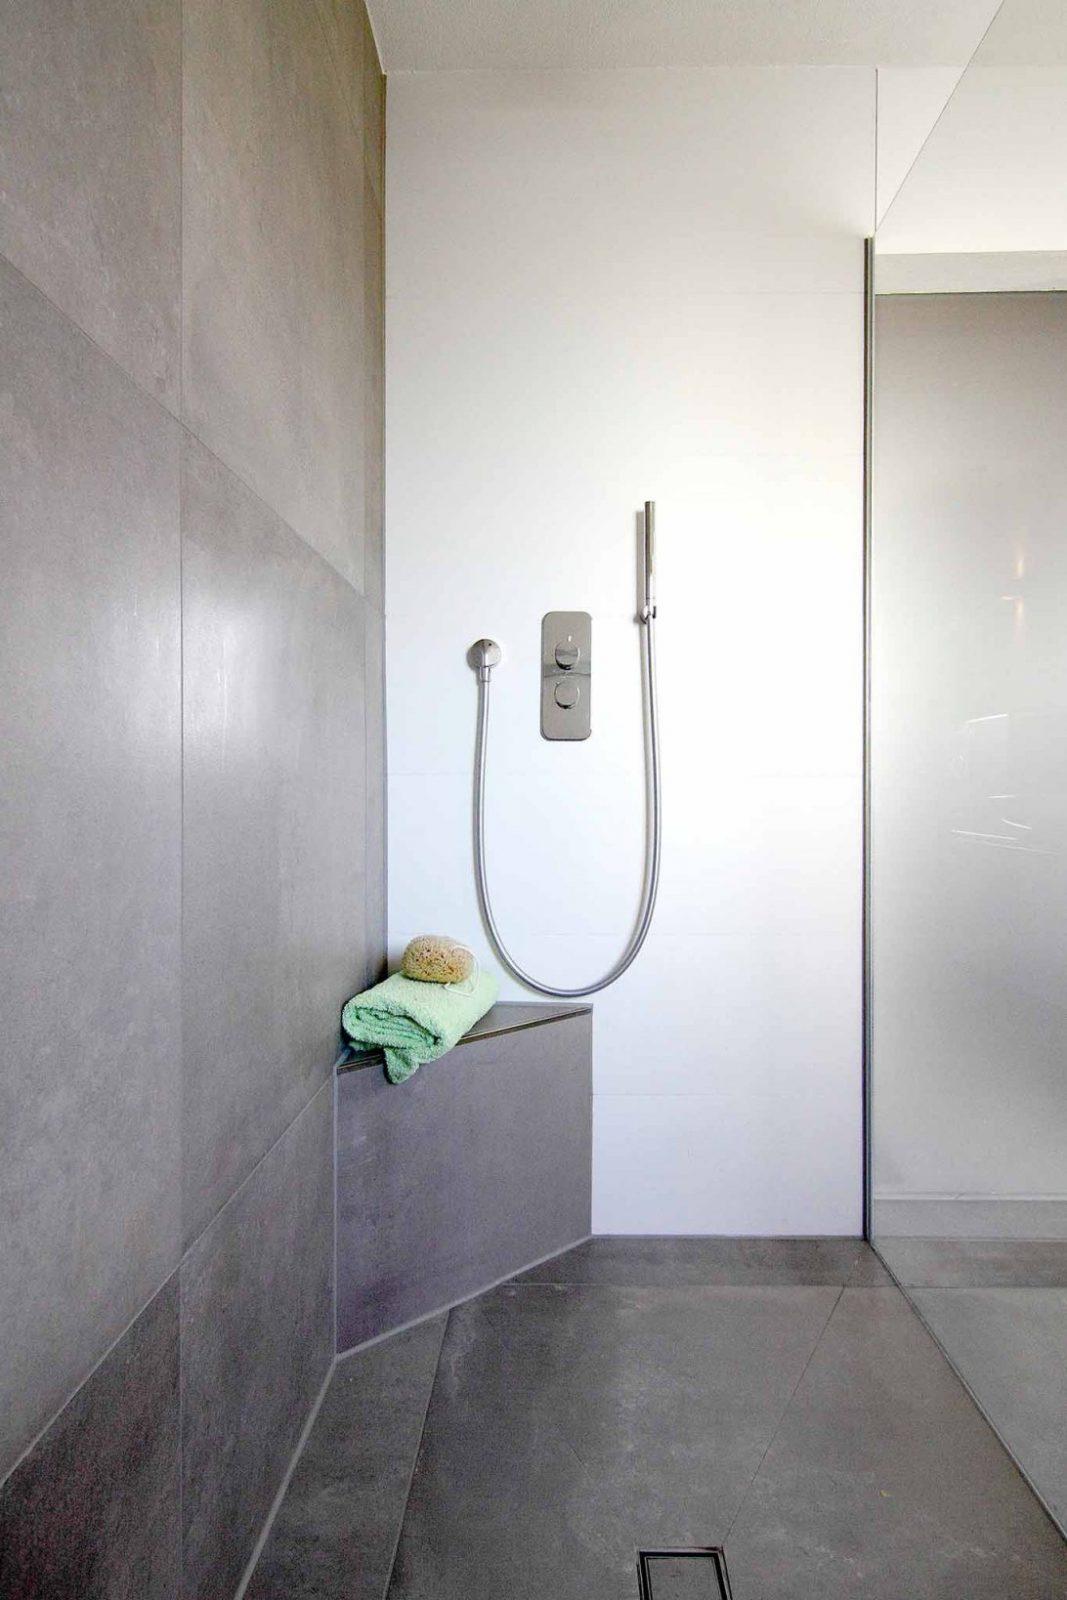 Begehbare Badewanne Mit Dusche Preis Unique Begehbare Dusche Mit von Begehbare Dusche Mit Sitzbank Bild